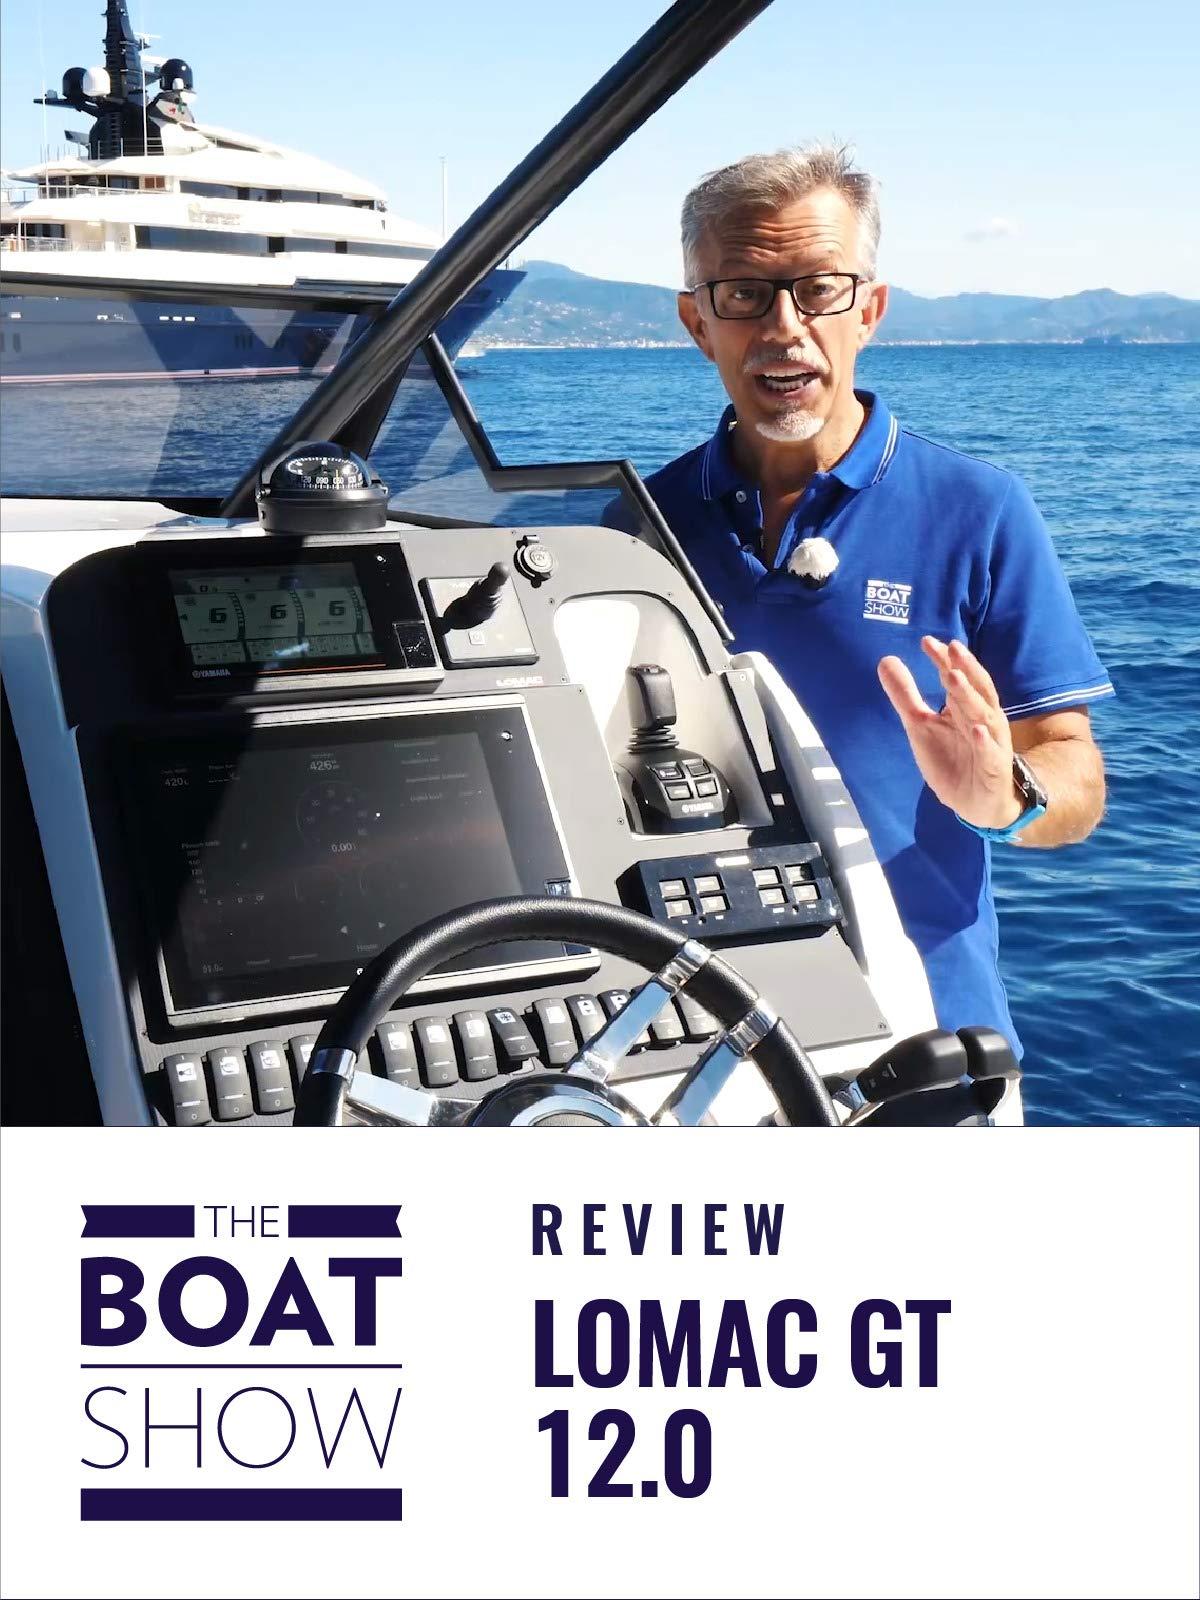 Clip: Lomac GranTurismo 12.0 - The Boat Show